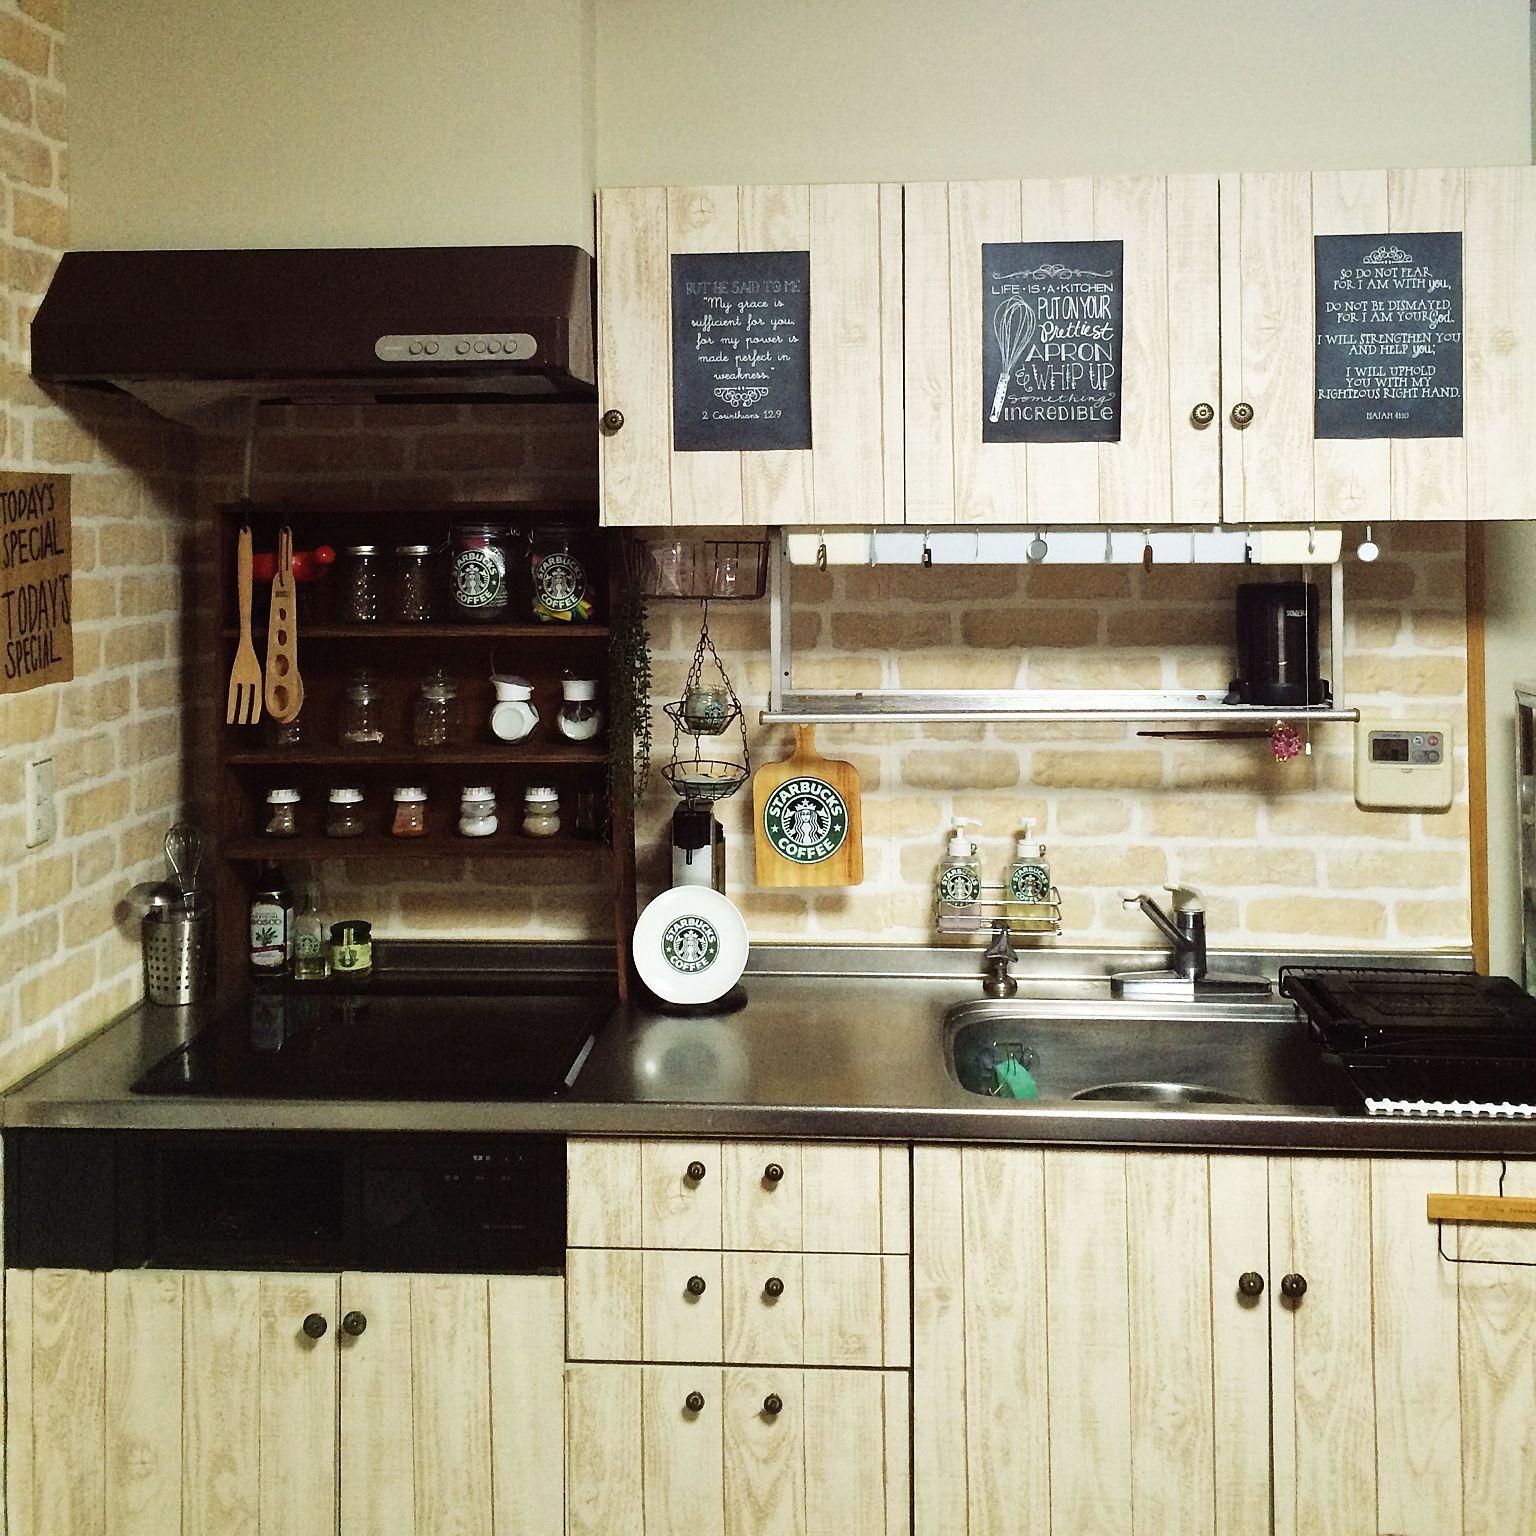 キッチン 3coin S Ikea キャンドゥ ダイソー などのインテリア実例